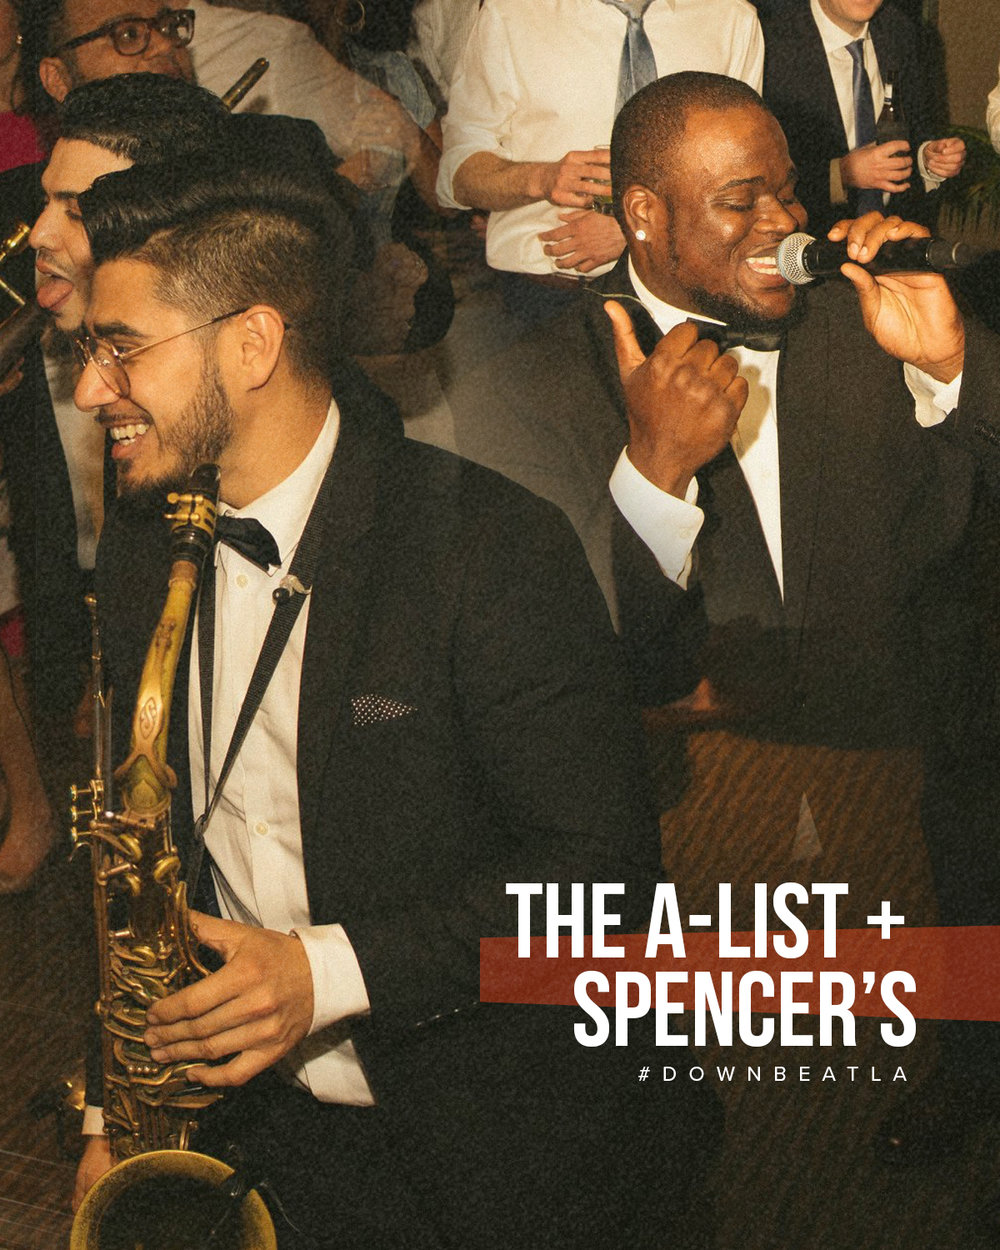 Spencers-1.jpg